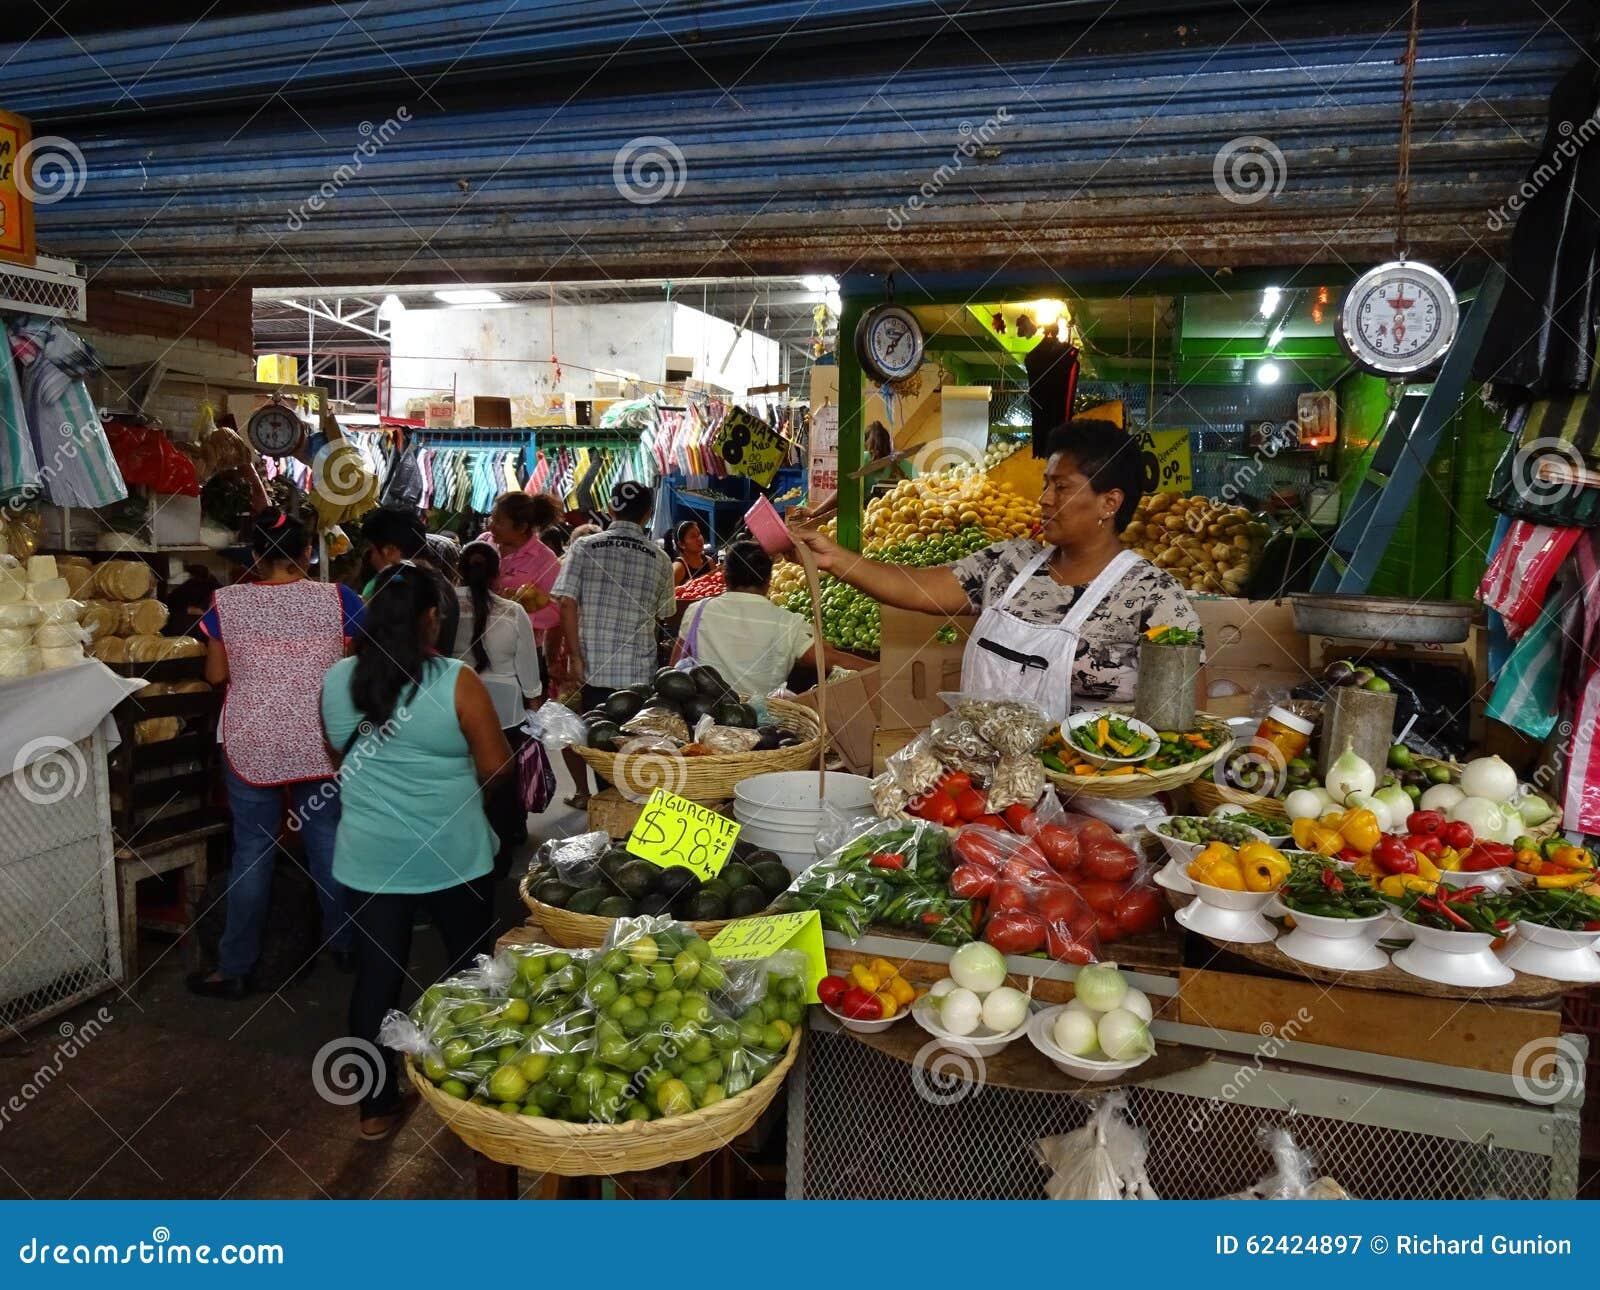 Market Place in Guerrero Mexico